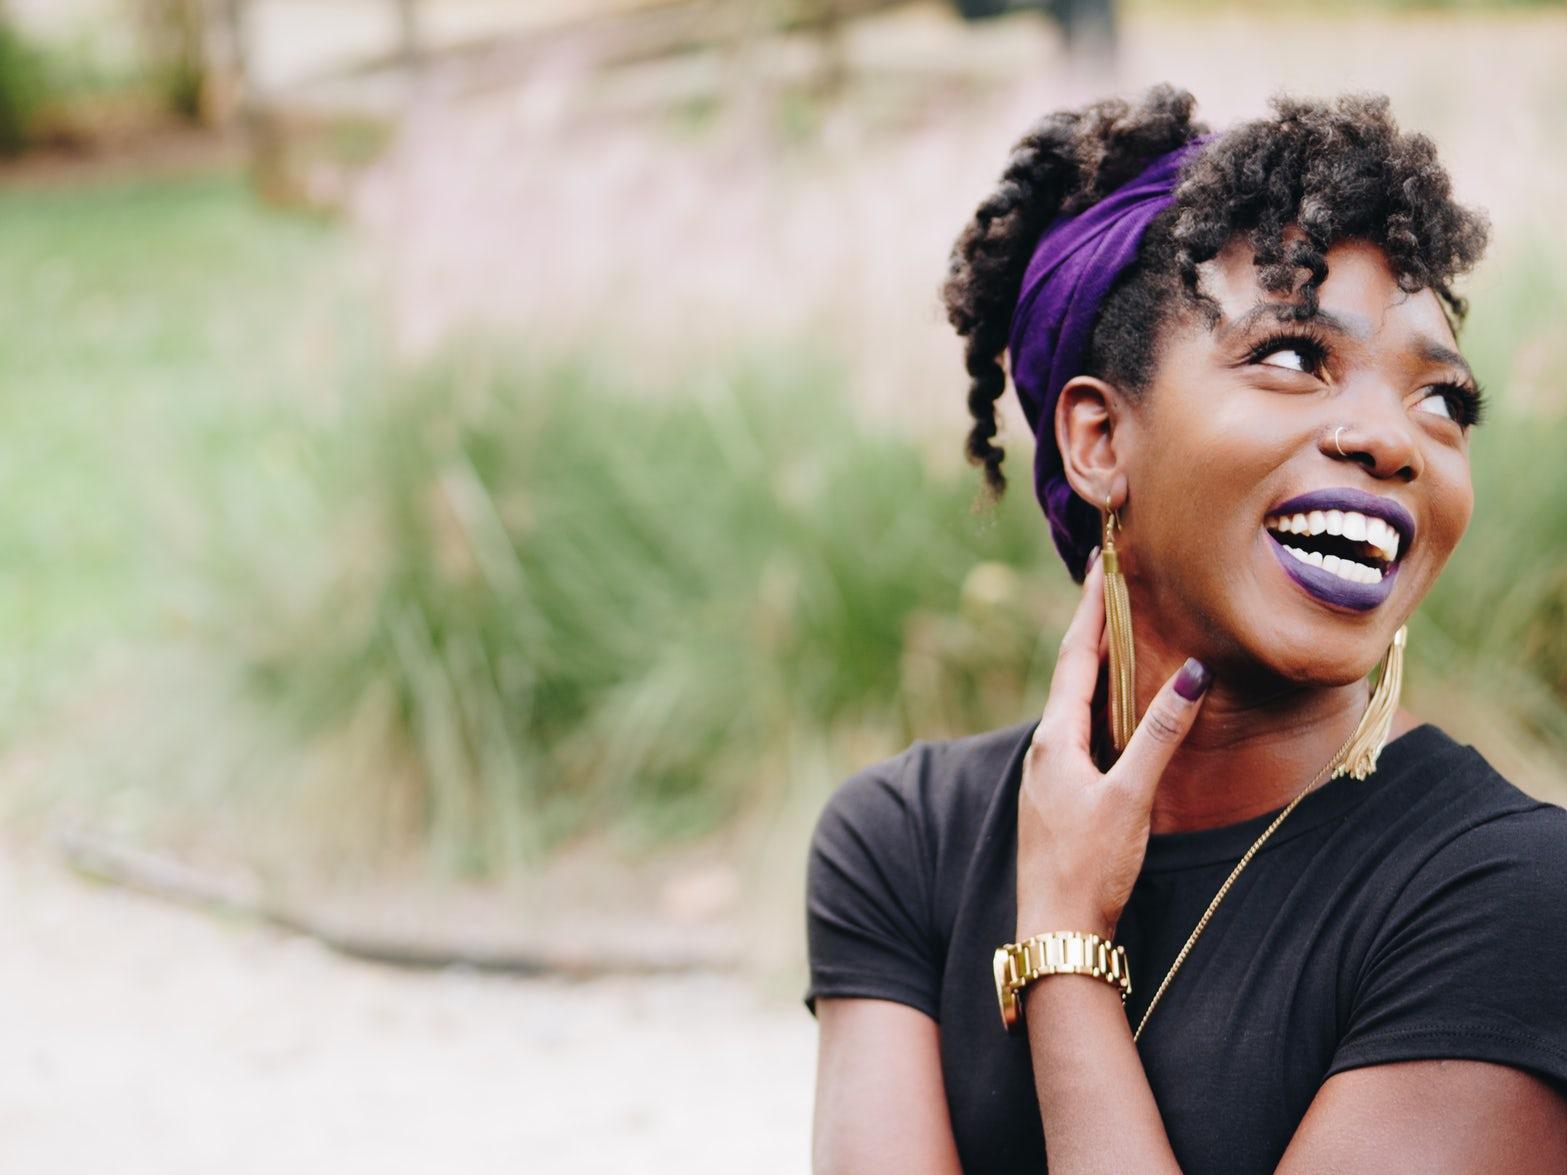 Coiffure afro femme paris